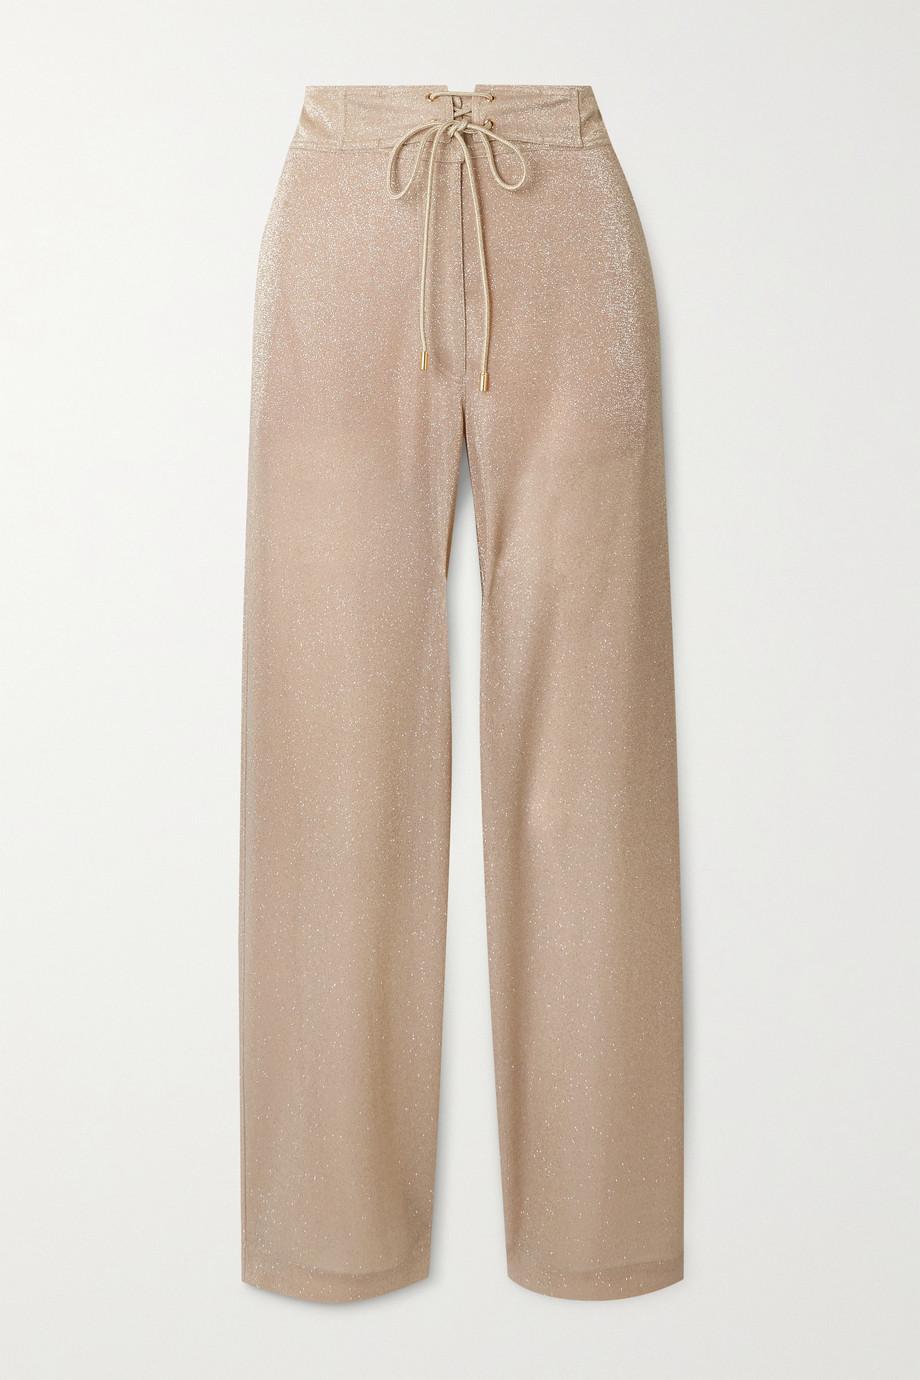 Lanvin Lace-up Lurex wide-leg pants